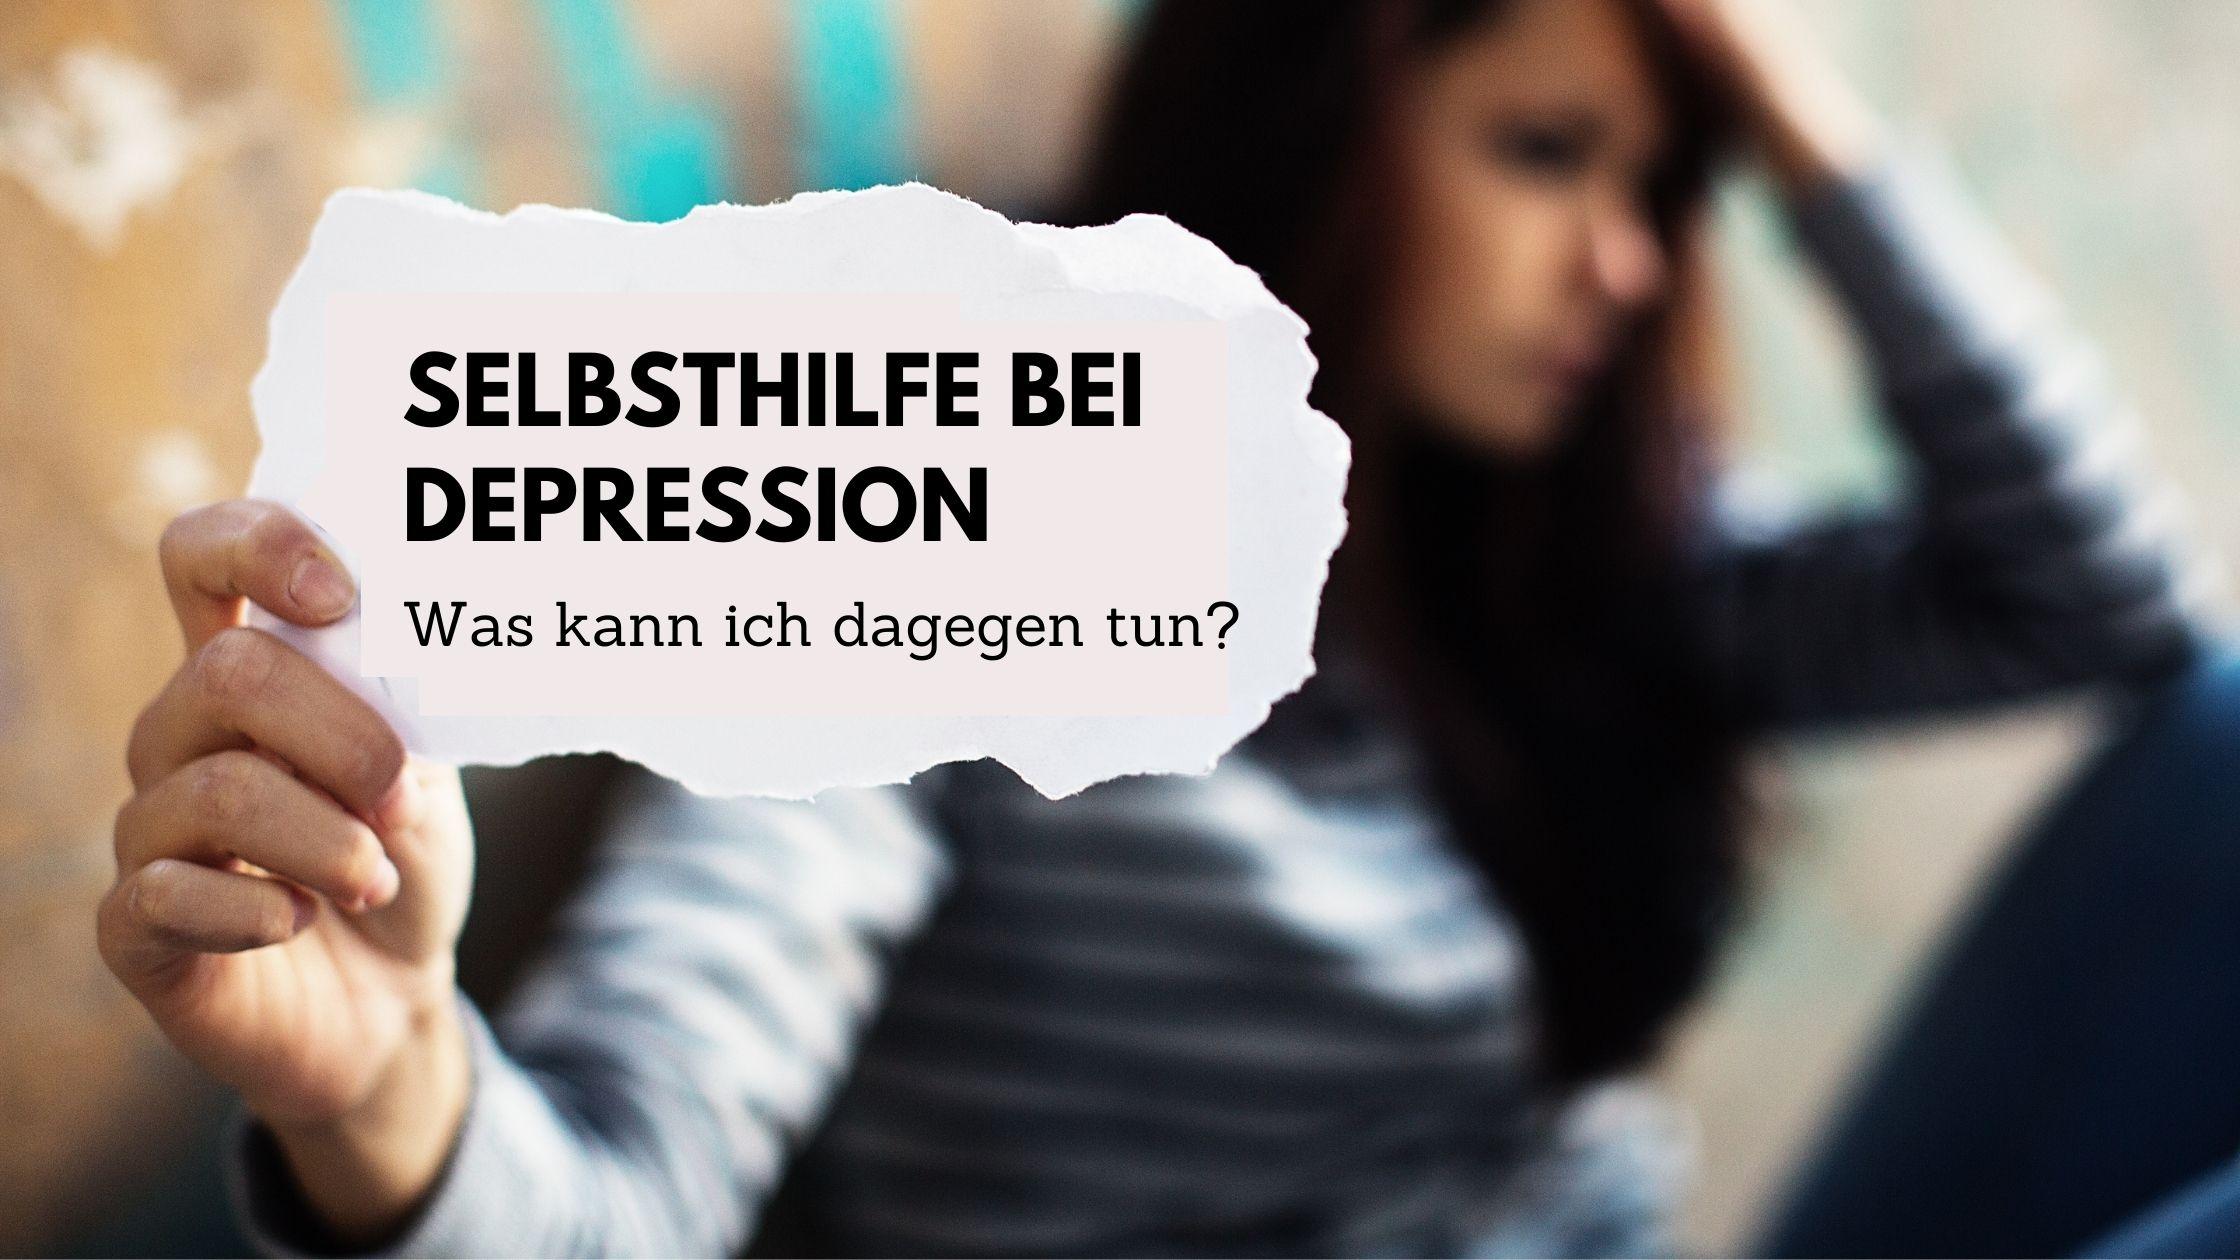 Selbsthilfe bei Depression Bild